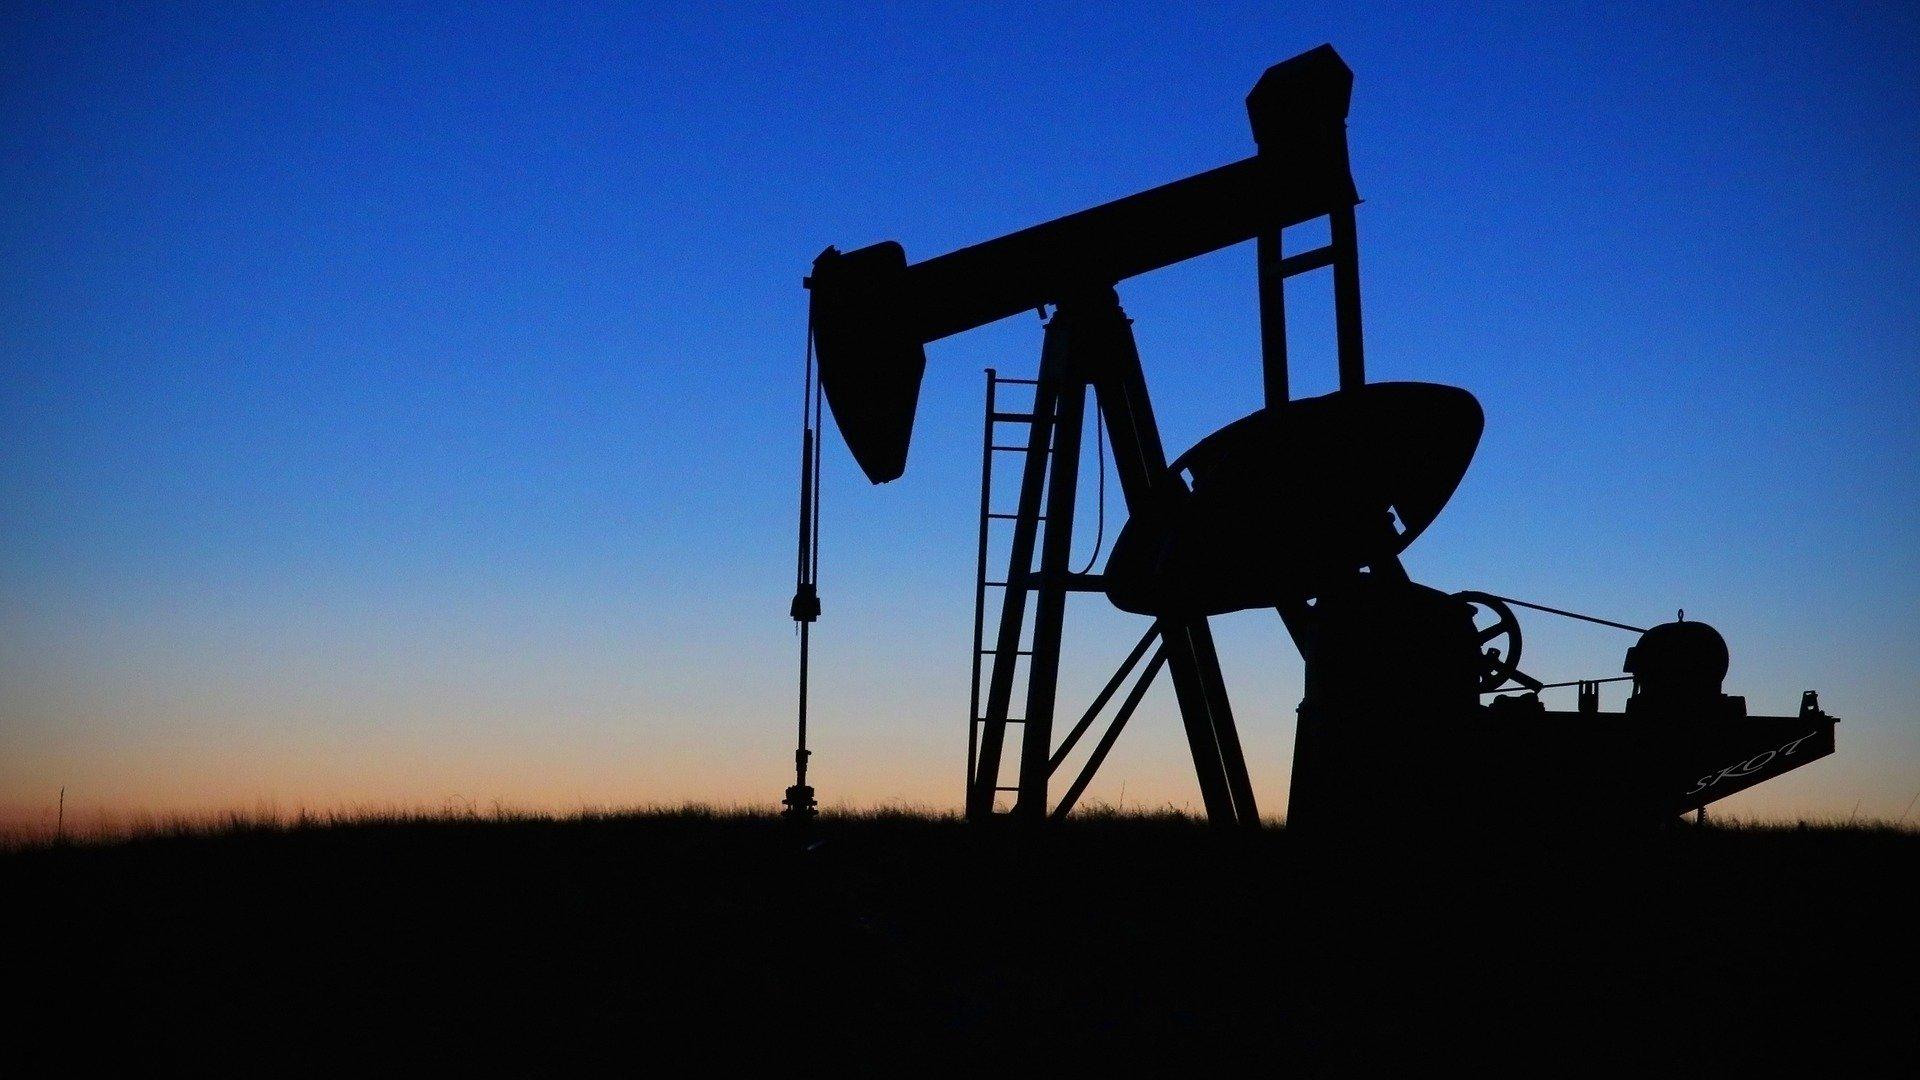 OIL stocks news and analysis